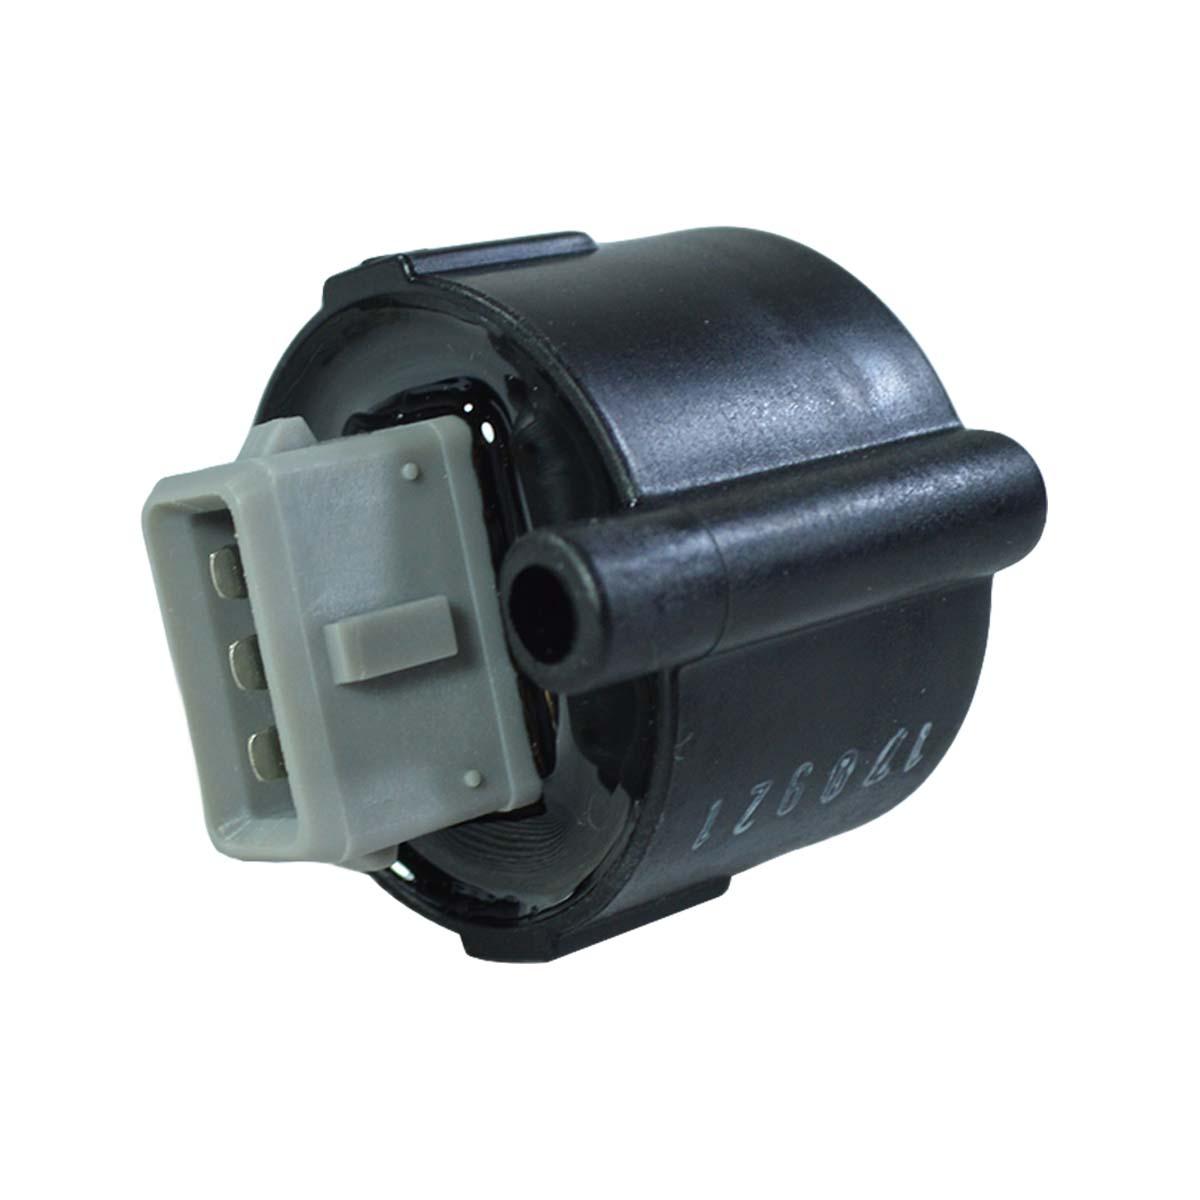 Sensor Filtro Separador Ssangyong Actyon SUV 2.0 após 2008